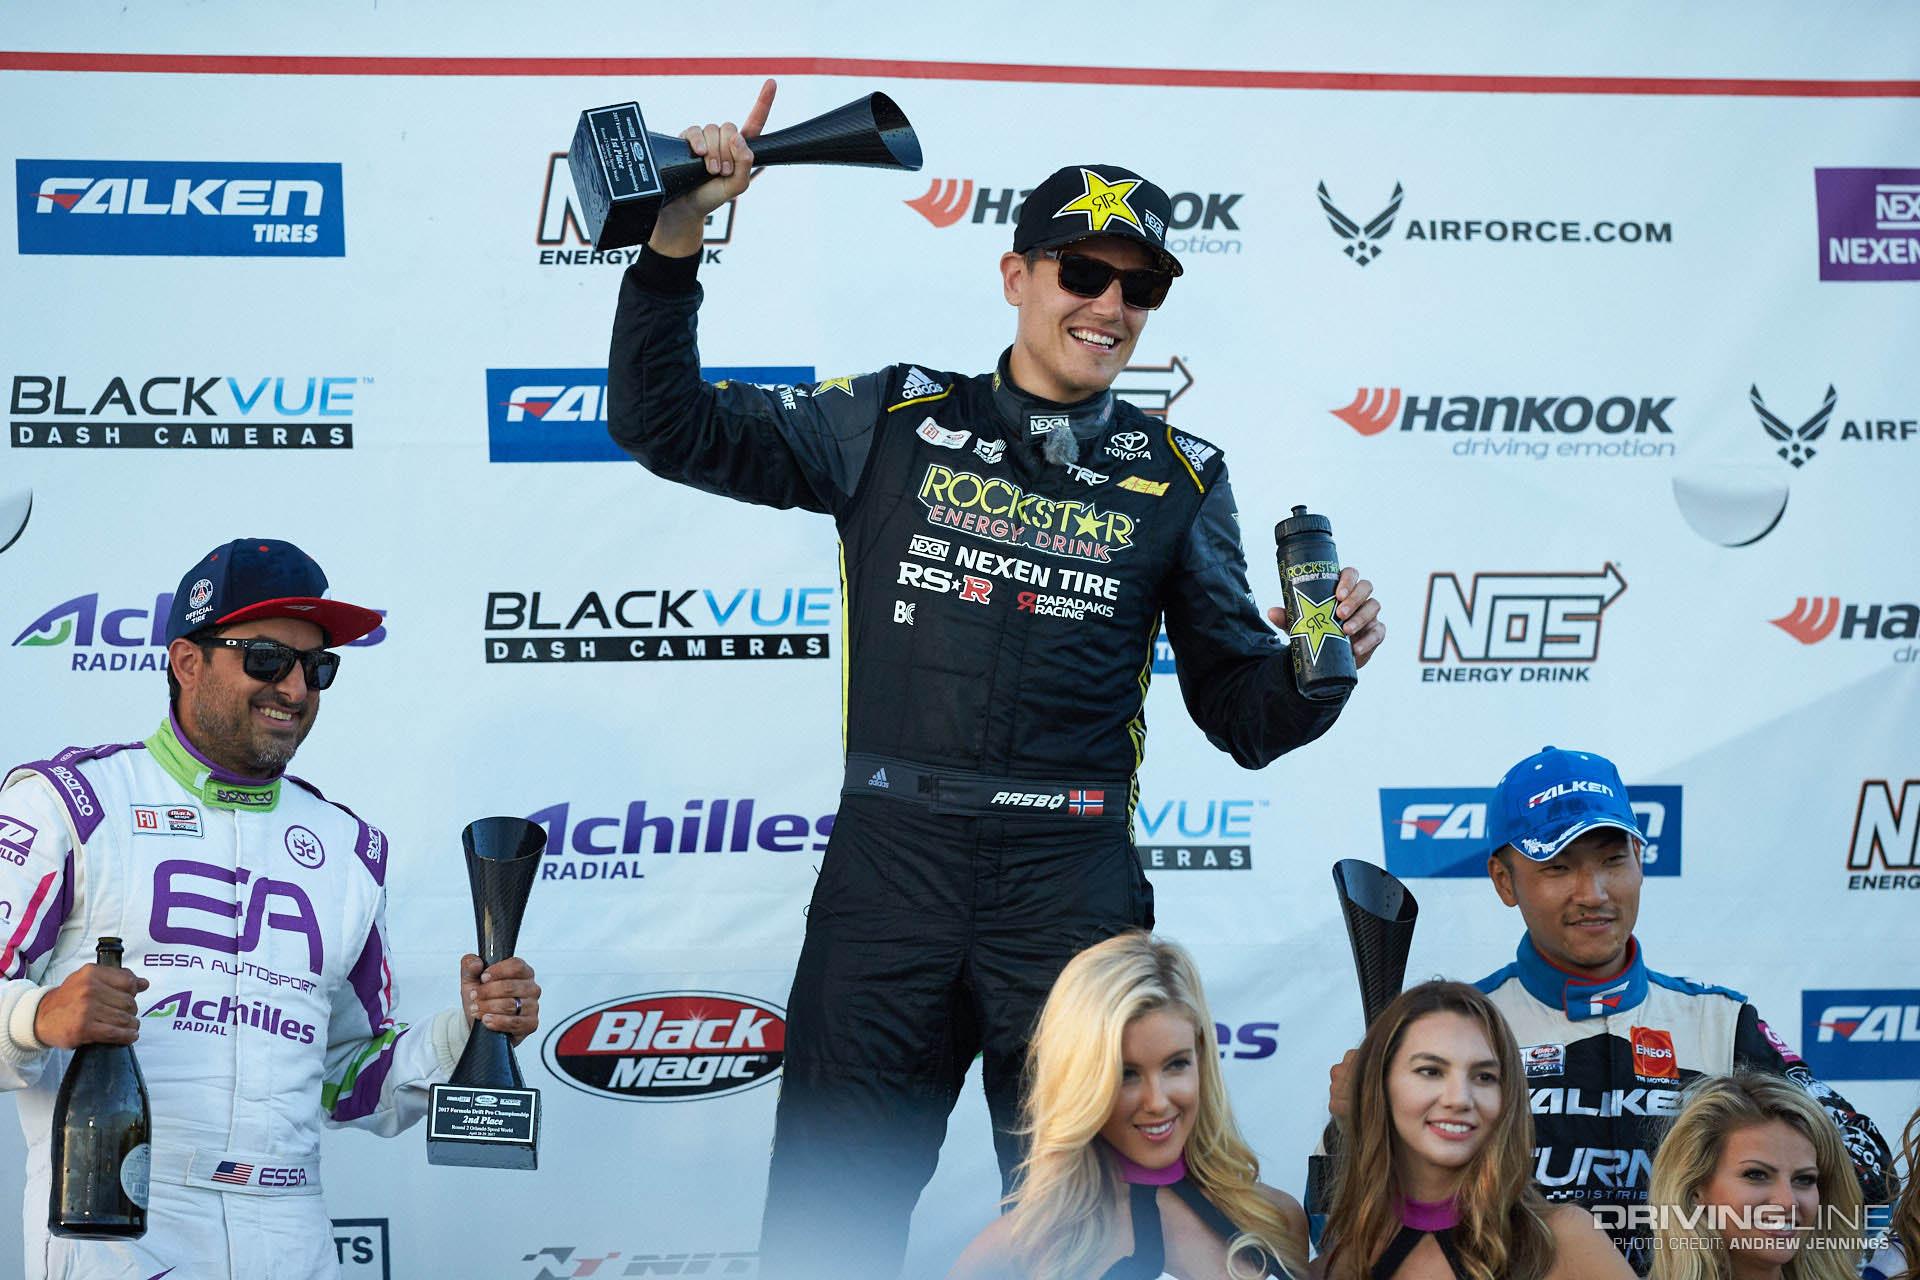 FD Orlando podium